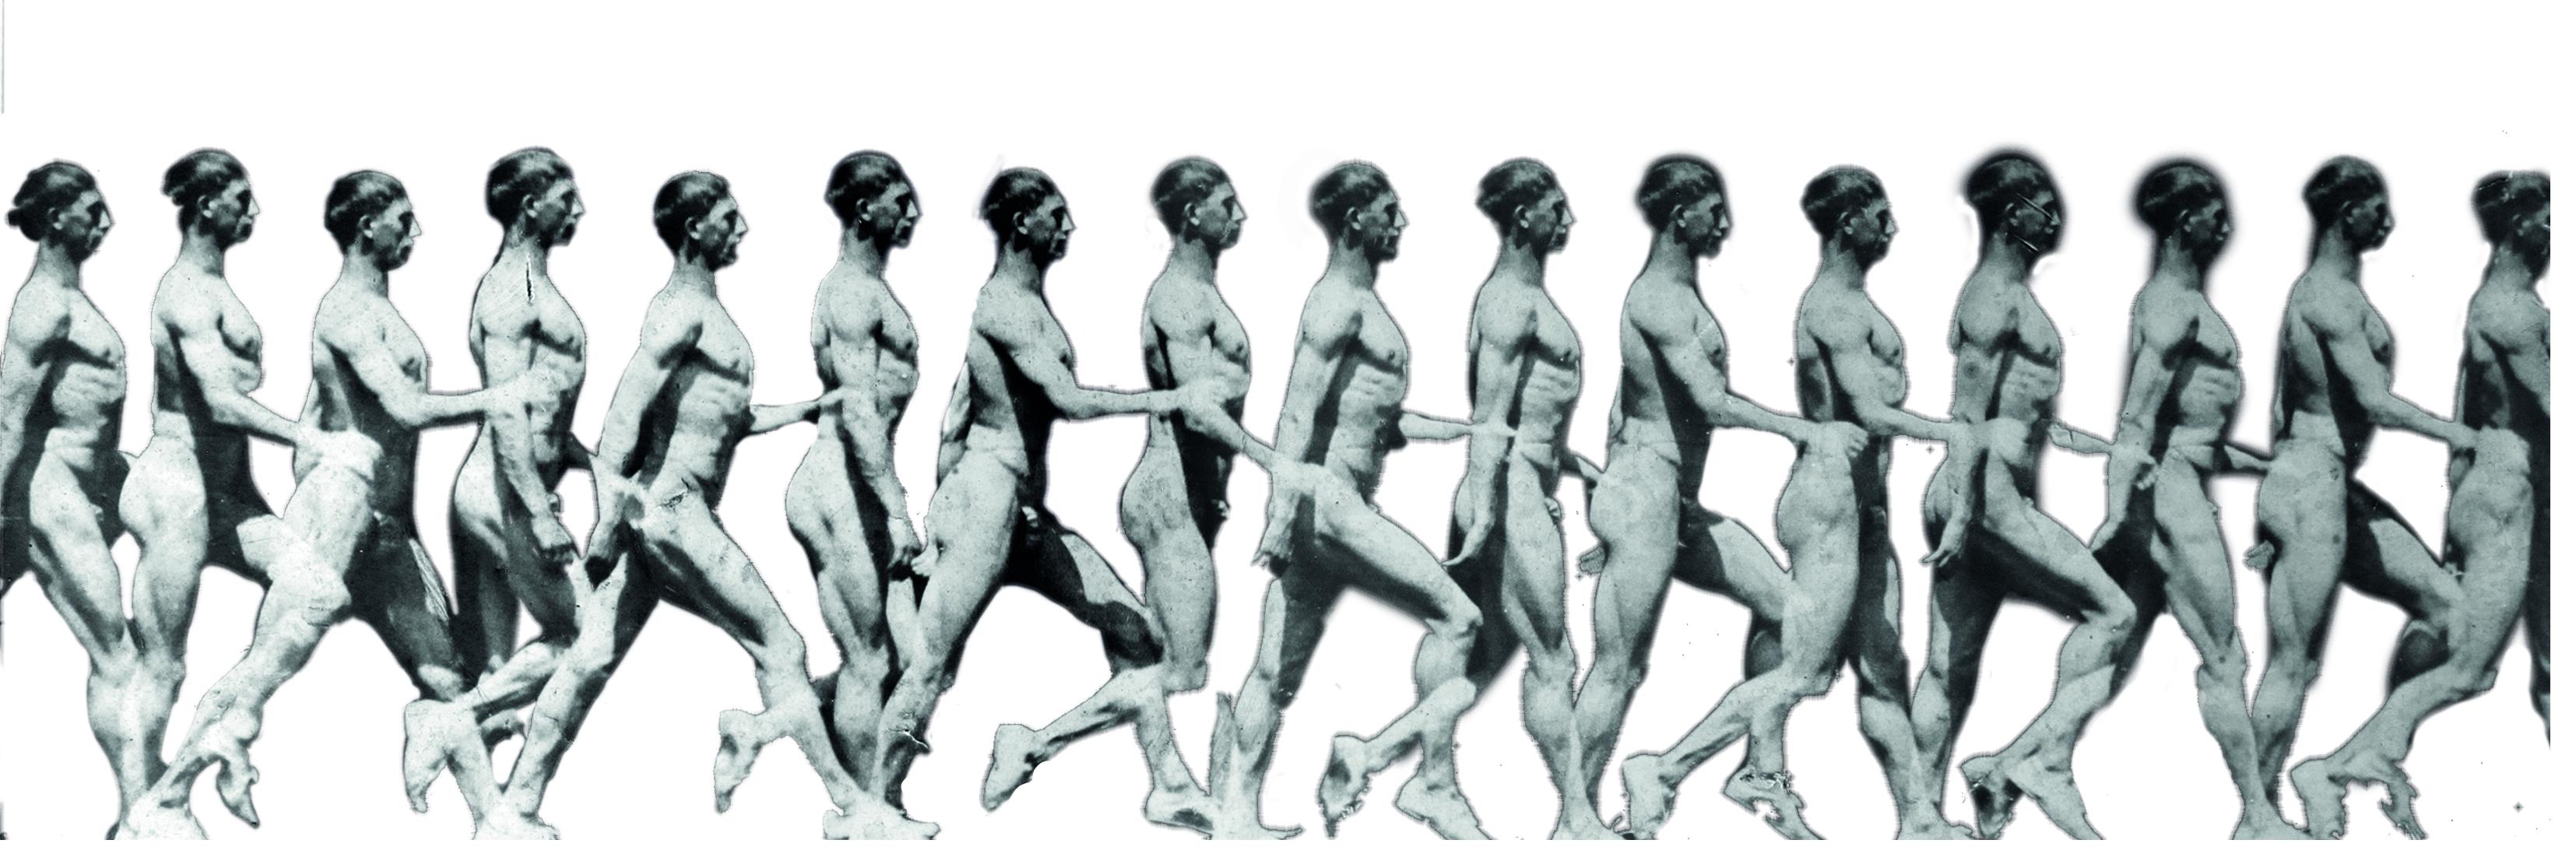 Le corps en mouvement: pour une lecture cinétique de la ville